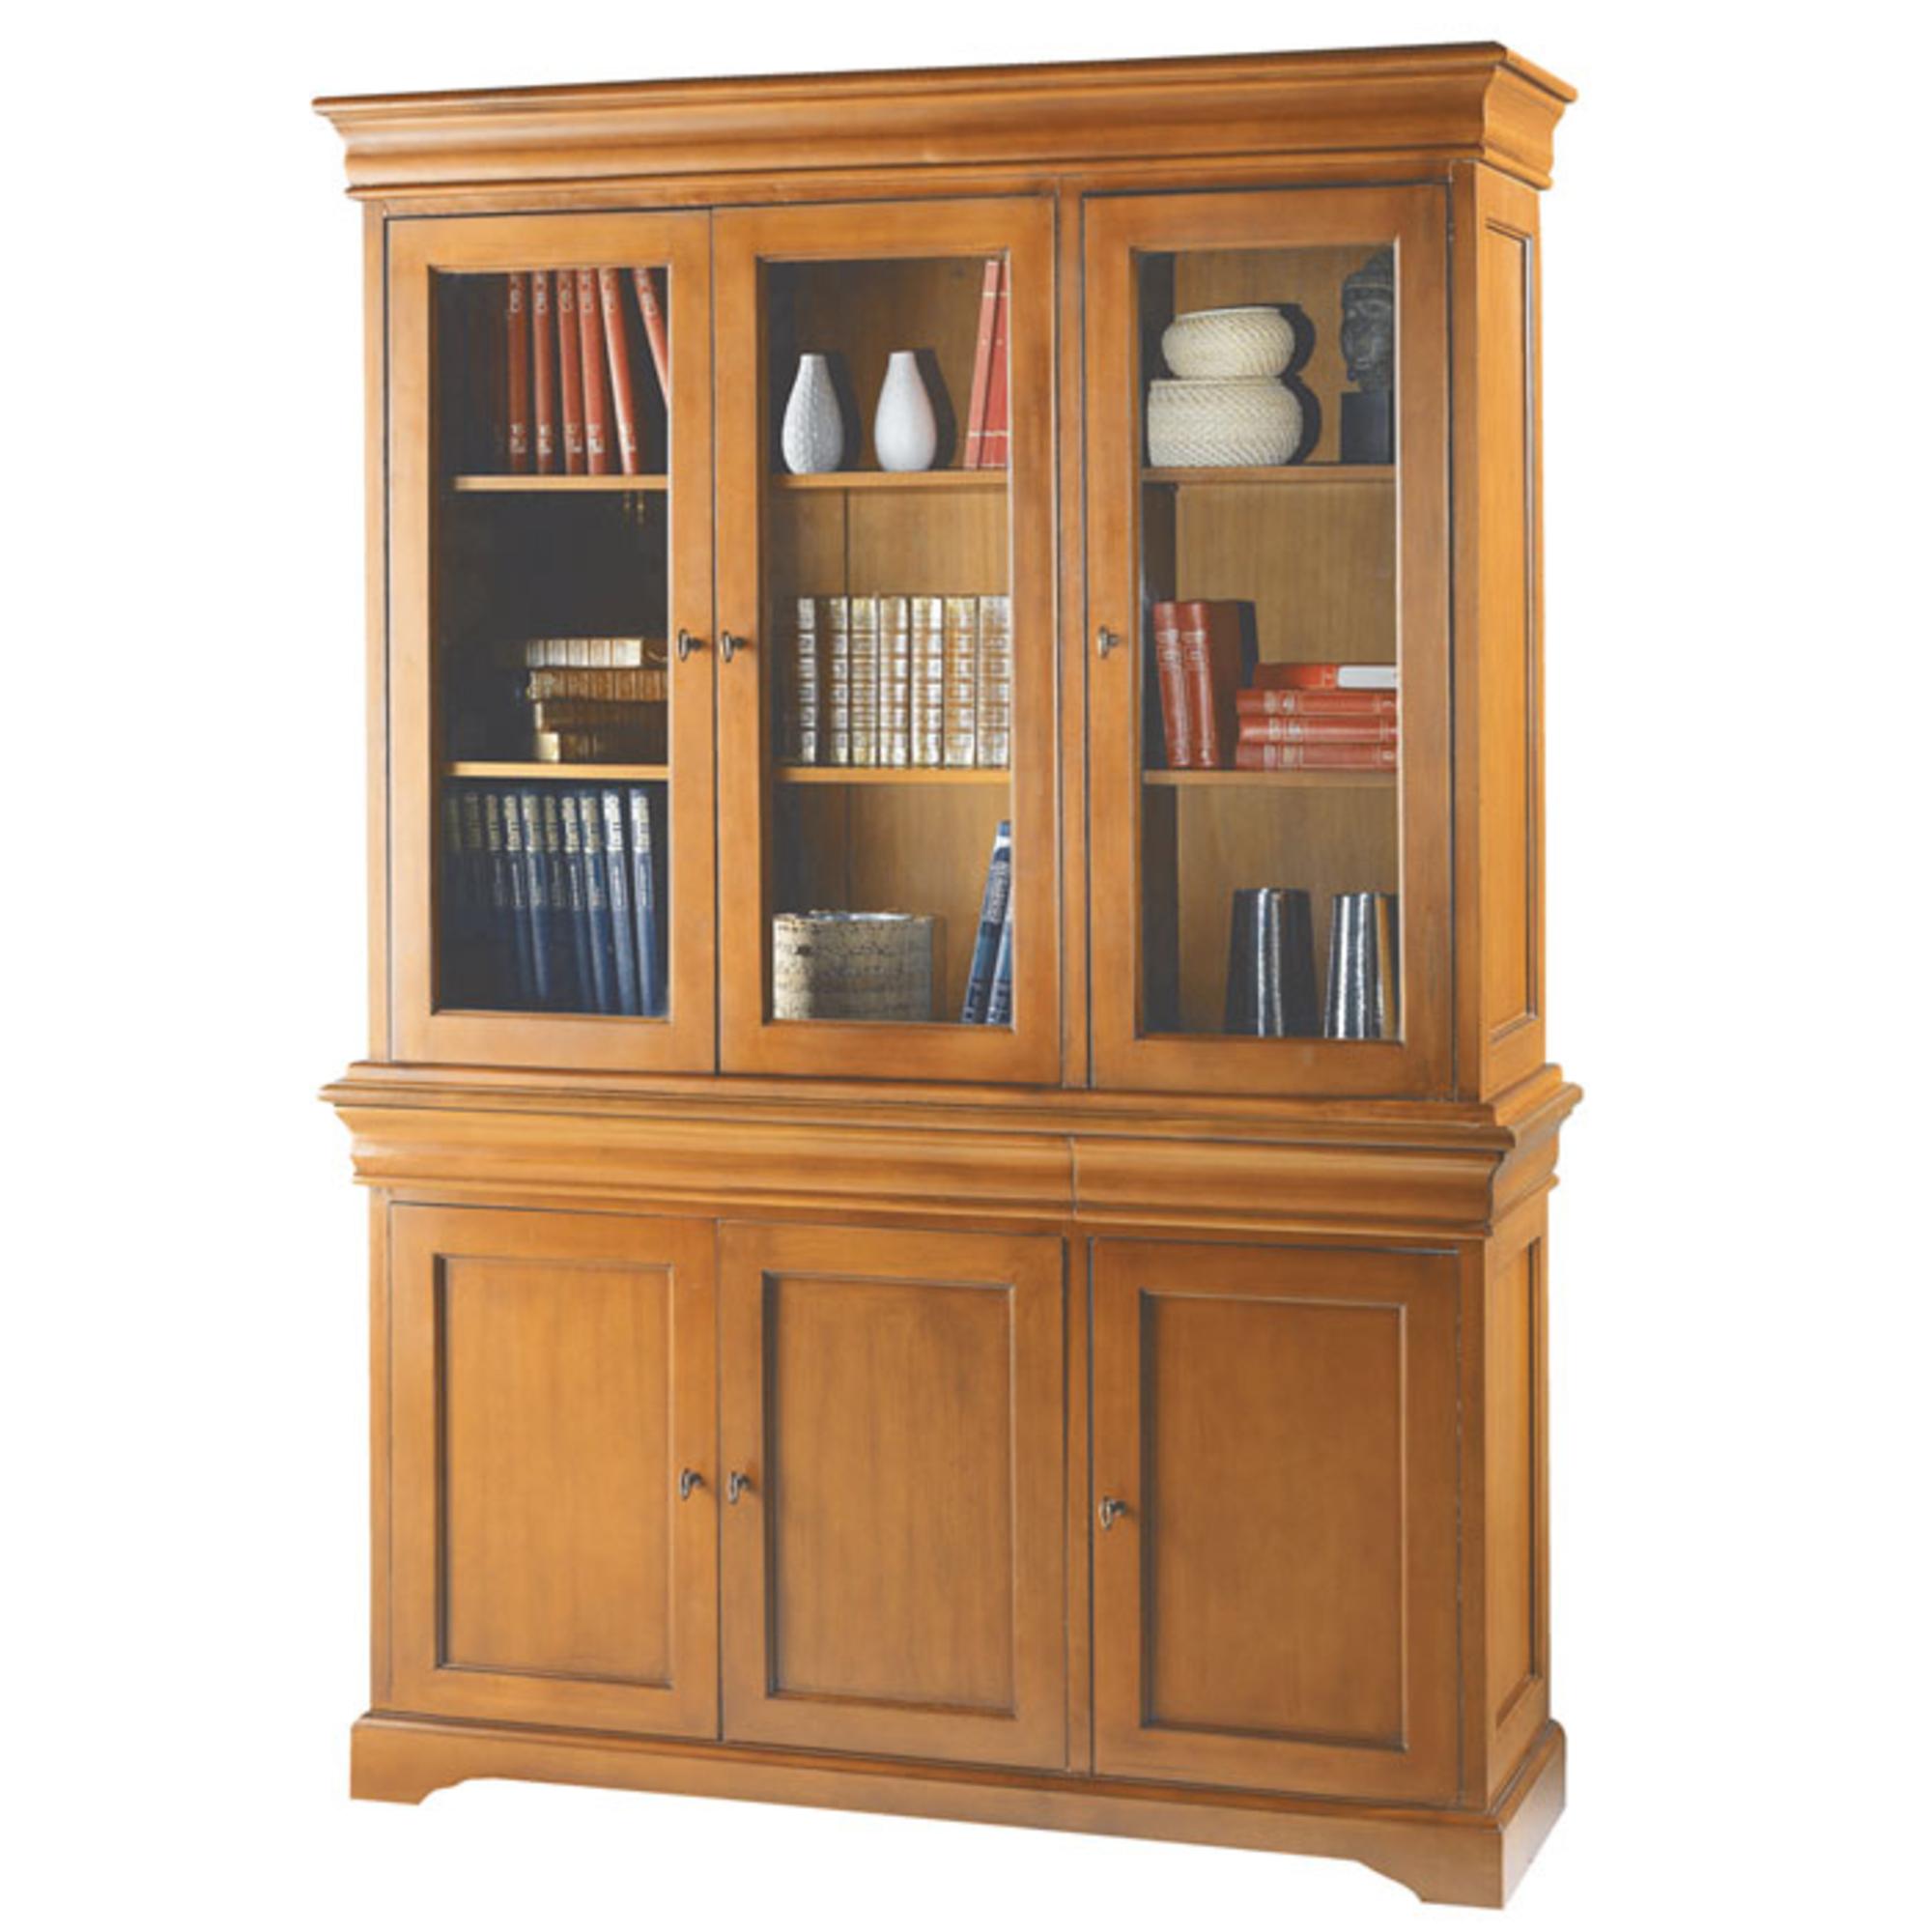 buffet vaissellier 6 portes style louis philippe merisier anniversaire 40 ans acheter ce. Black Bedroom Furniture Sets. Home Design Ideas